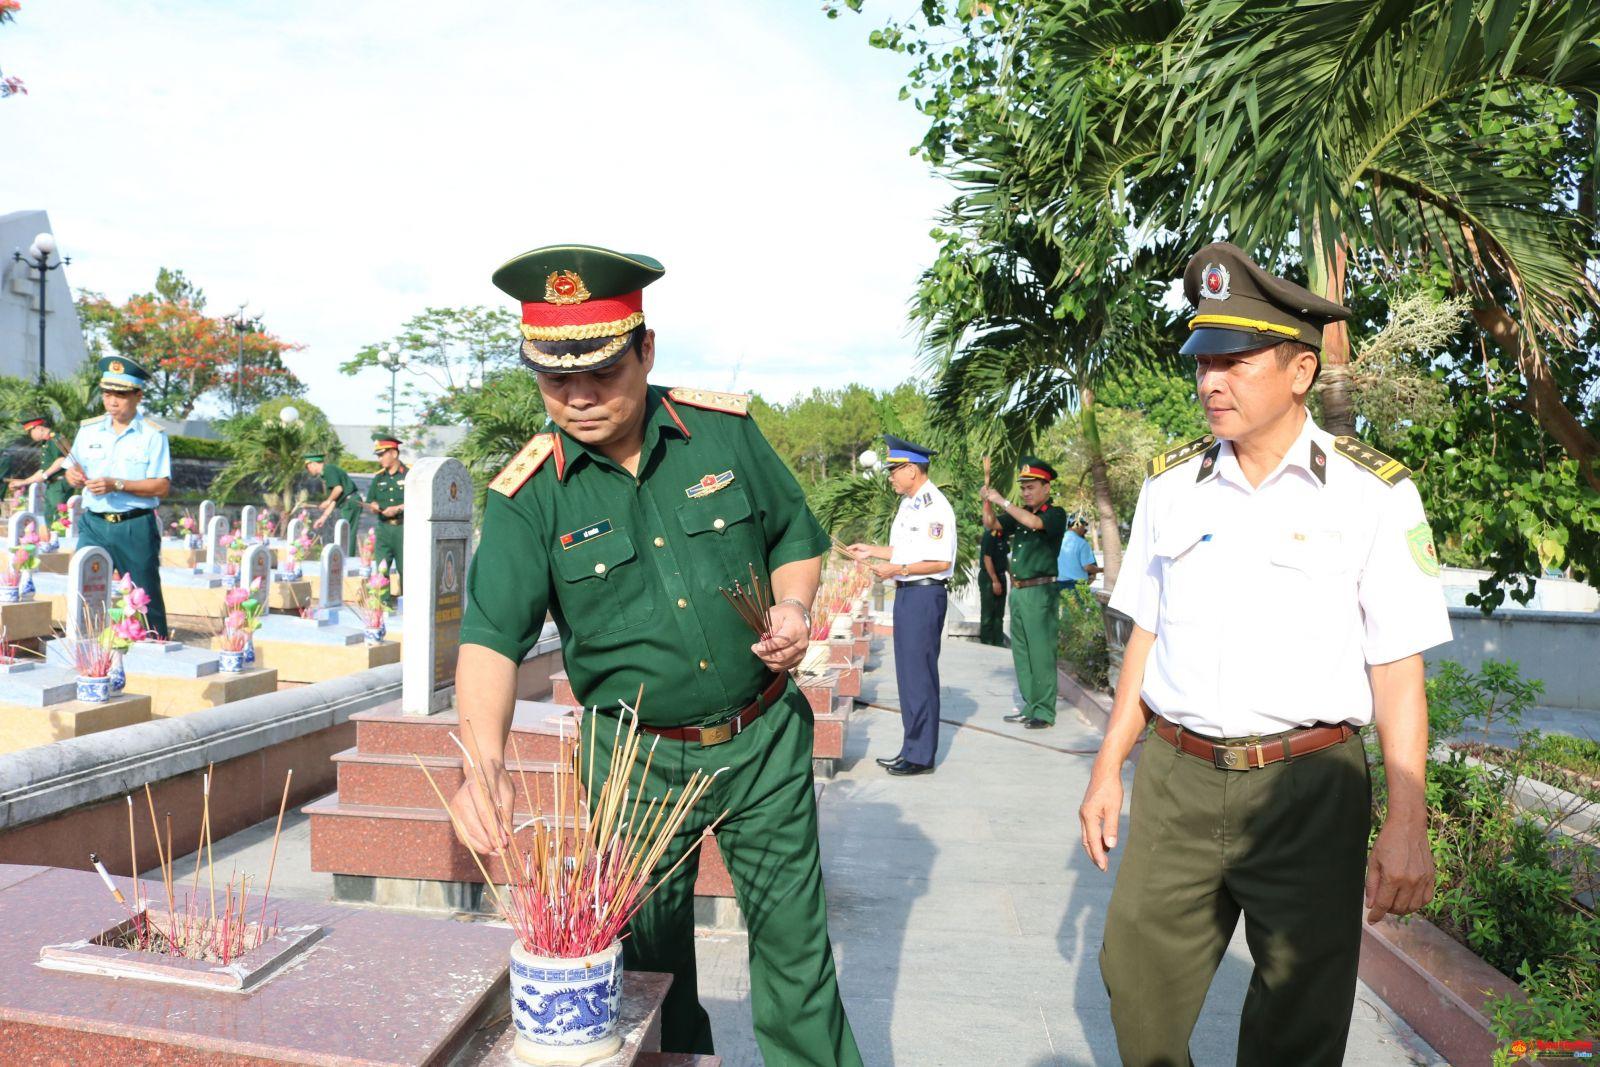 Thượng tướng Lê Chiêm, Thứ trưởng Bộ Quốc phòng: Thăm tặng quà các gia đình chính sách và viếng các Anh hùng liệt sỹ tại các nghĩa trang liệt sỹ tỉnh Quảng Trị.